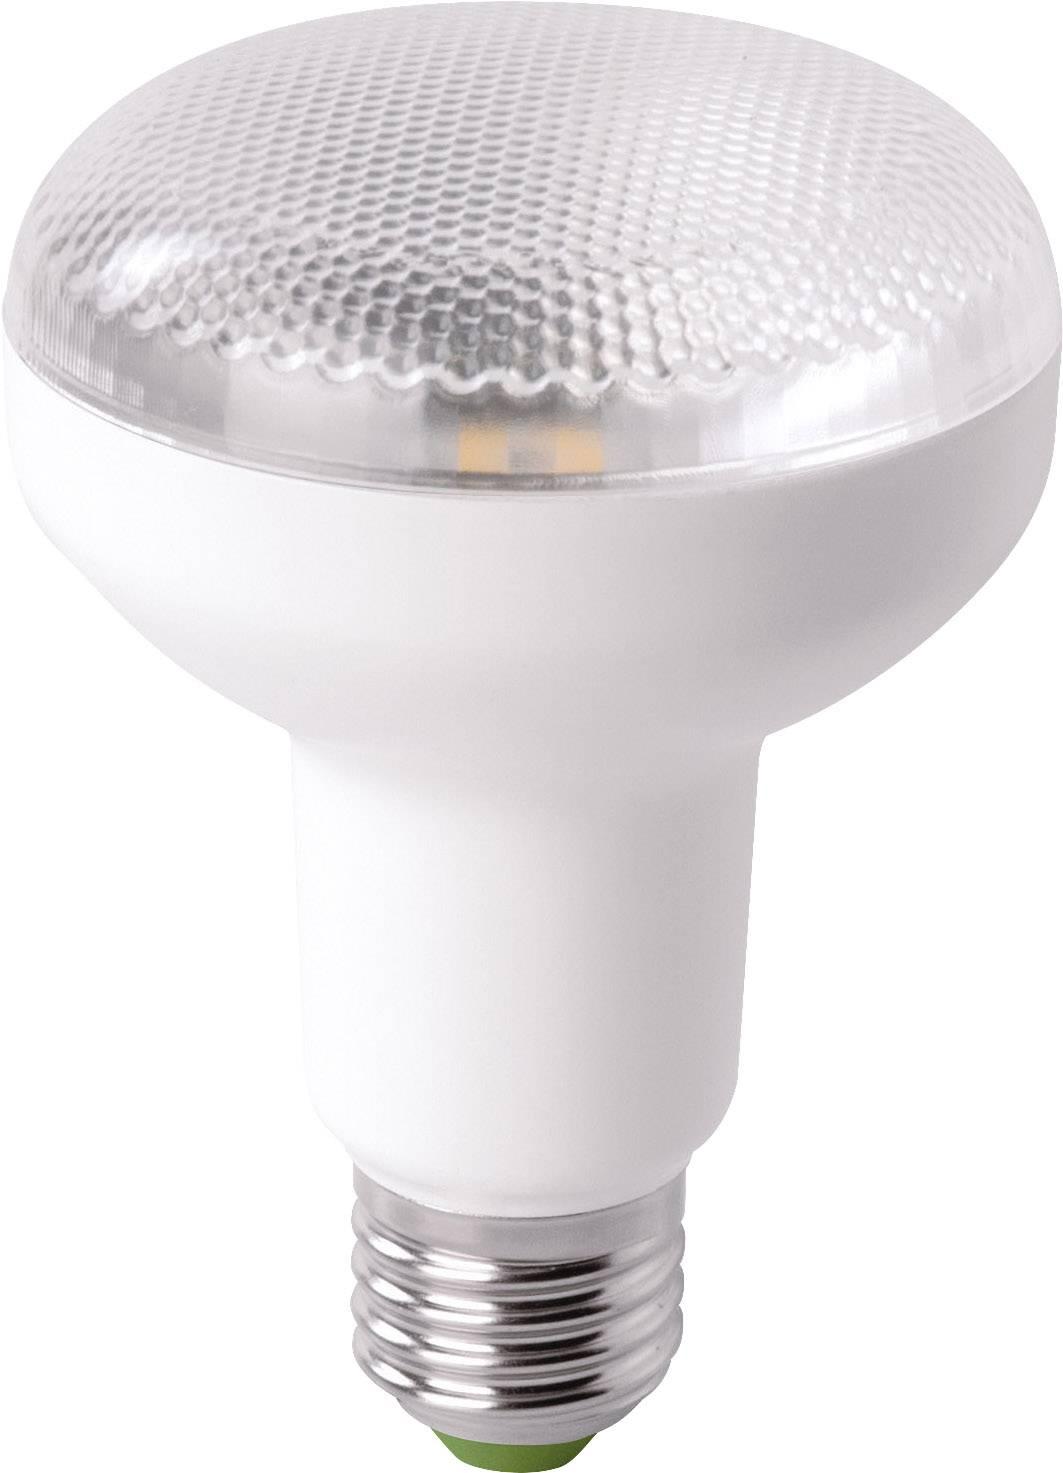 LED žiarovka Megaman MM27482 230 V, 7 W = 52 W, teplá biela, A+, 1 ks